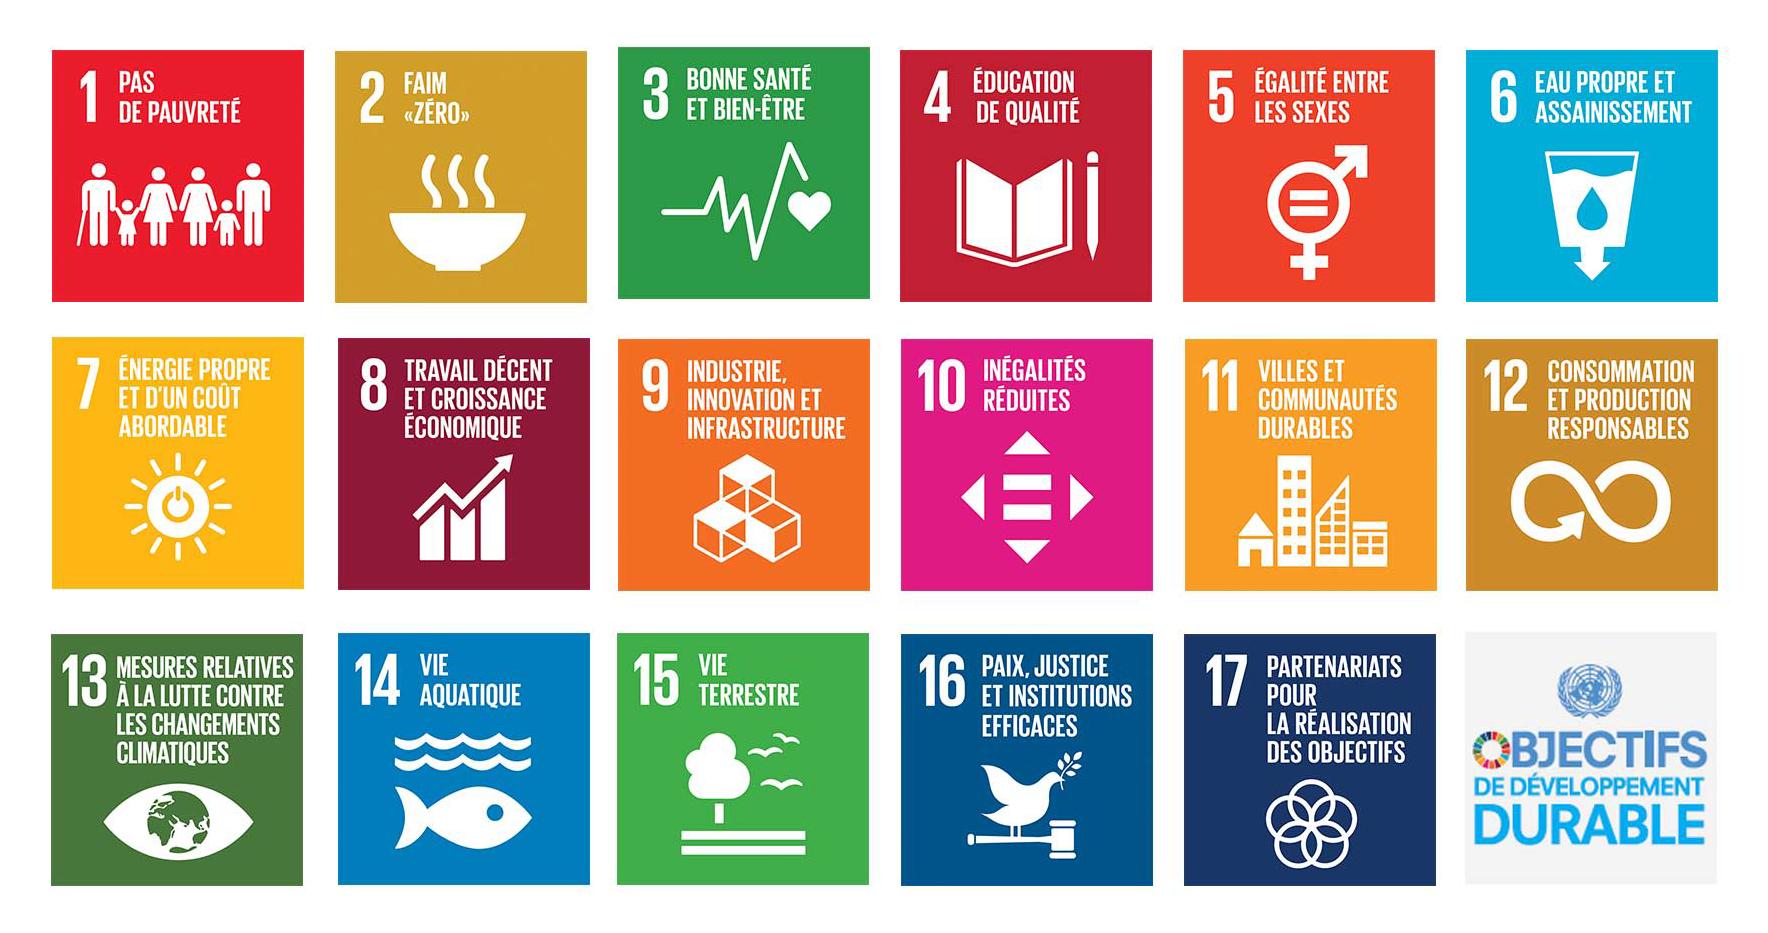 17 objectifs de l'ONU